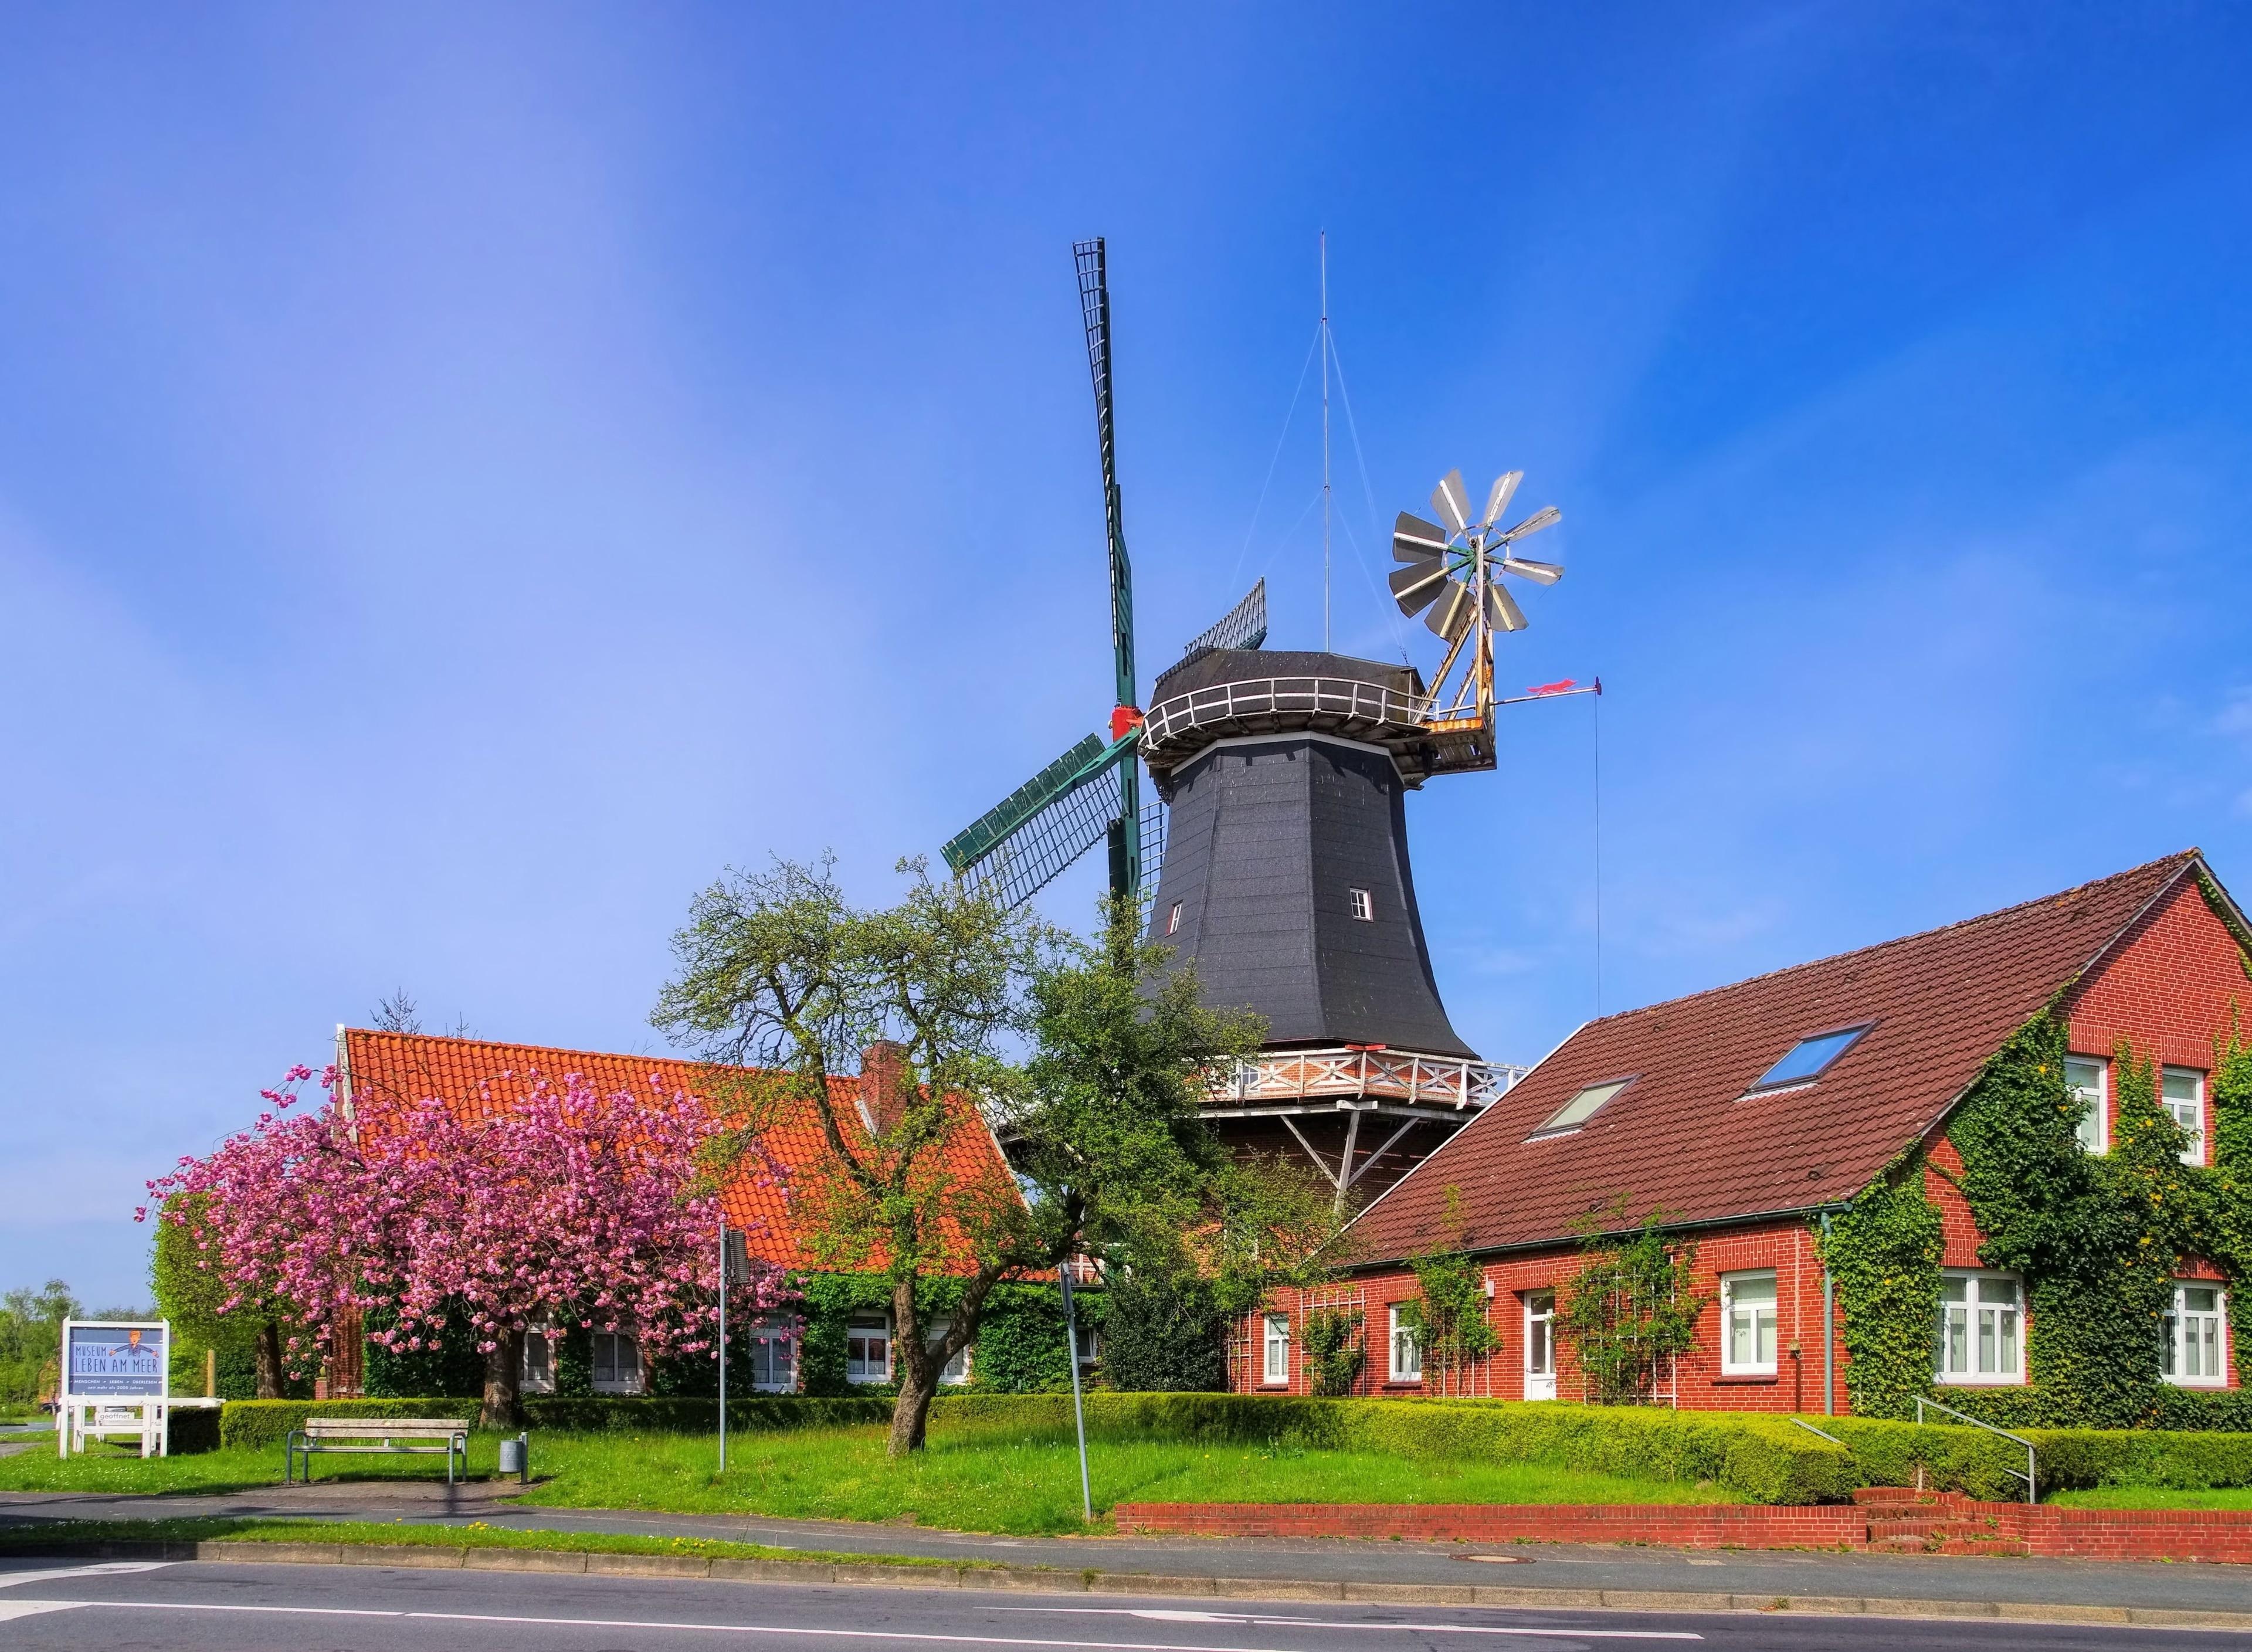 Esens, Lower Saxony, Germany